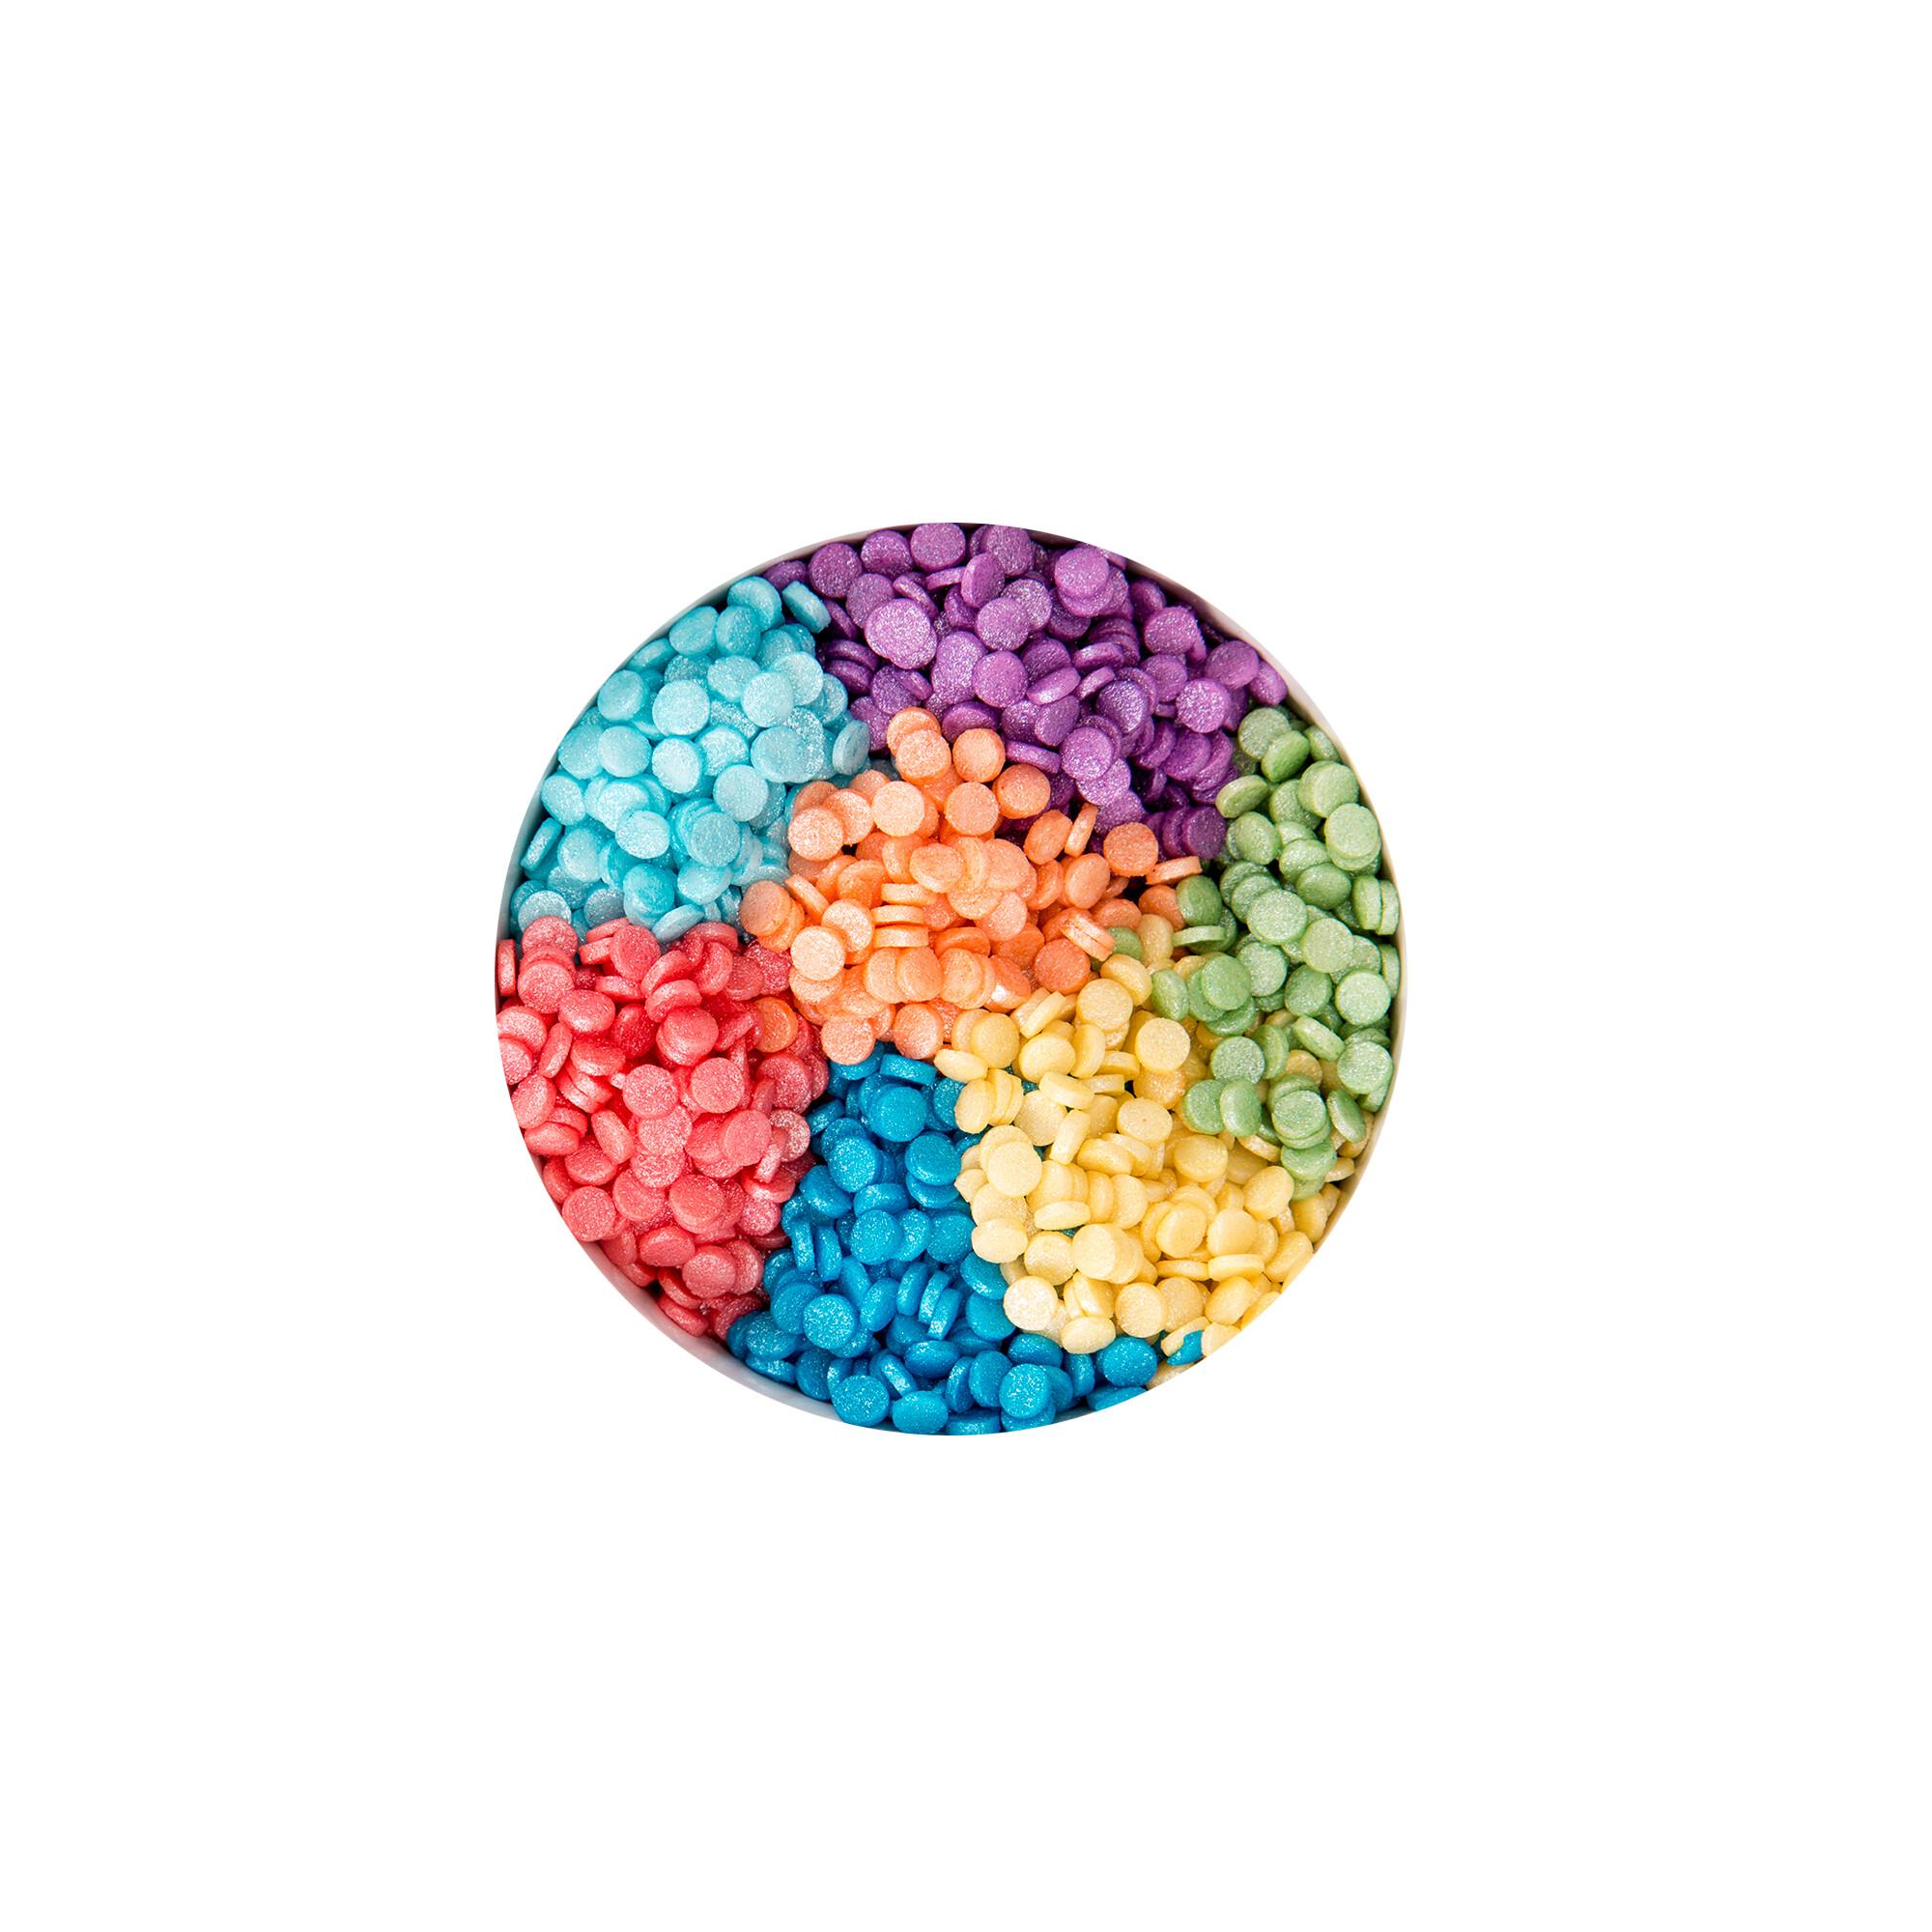 Essbarer Streudekor - Einhorn / Regenbogen - 7 Sticks